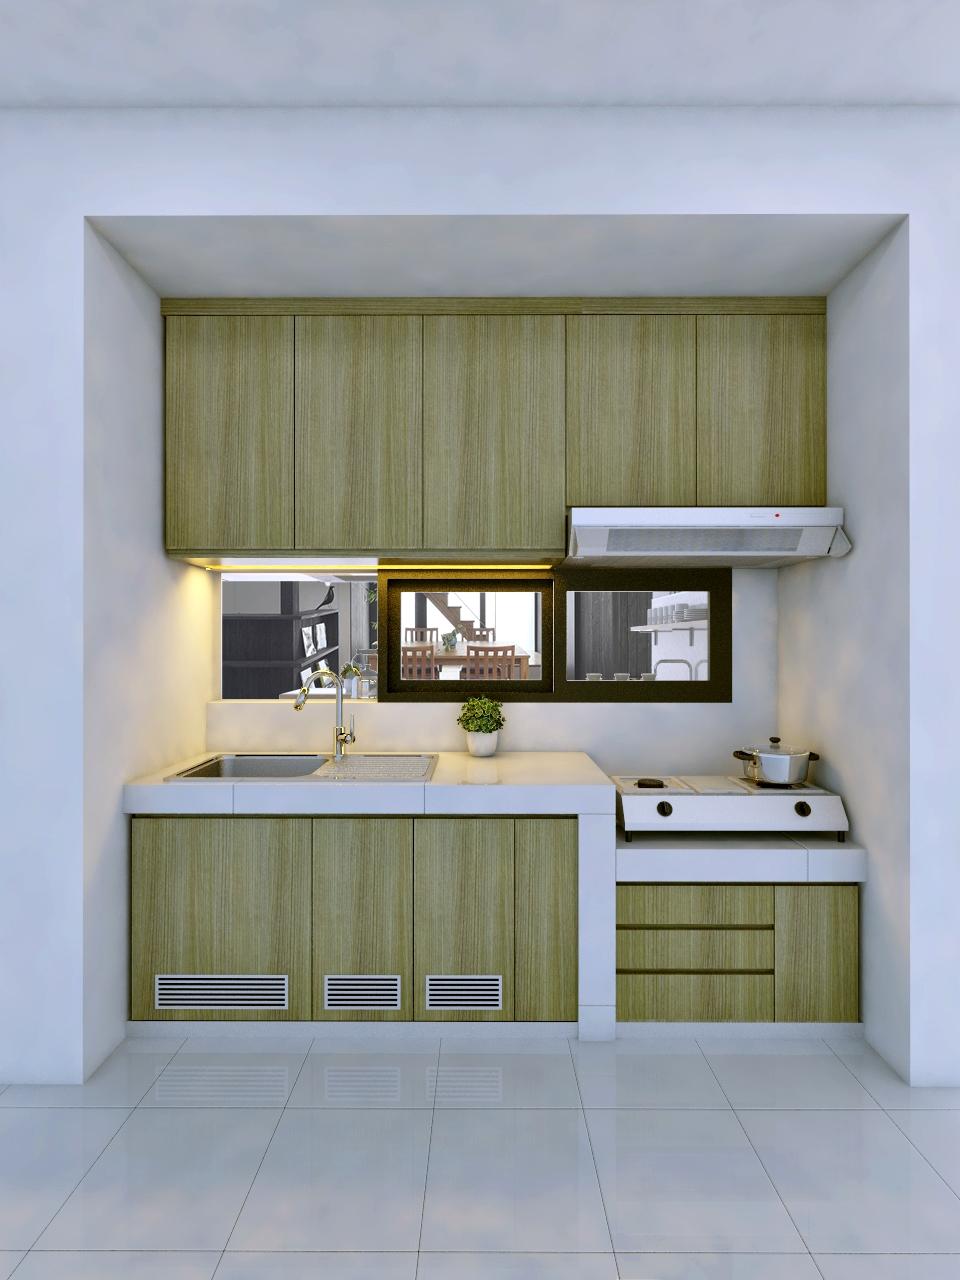 Desain Dapur Bersih Dan Dapur Kotor Sobhome